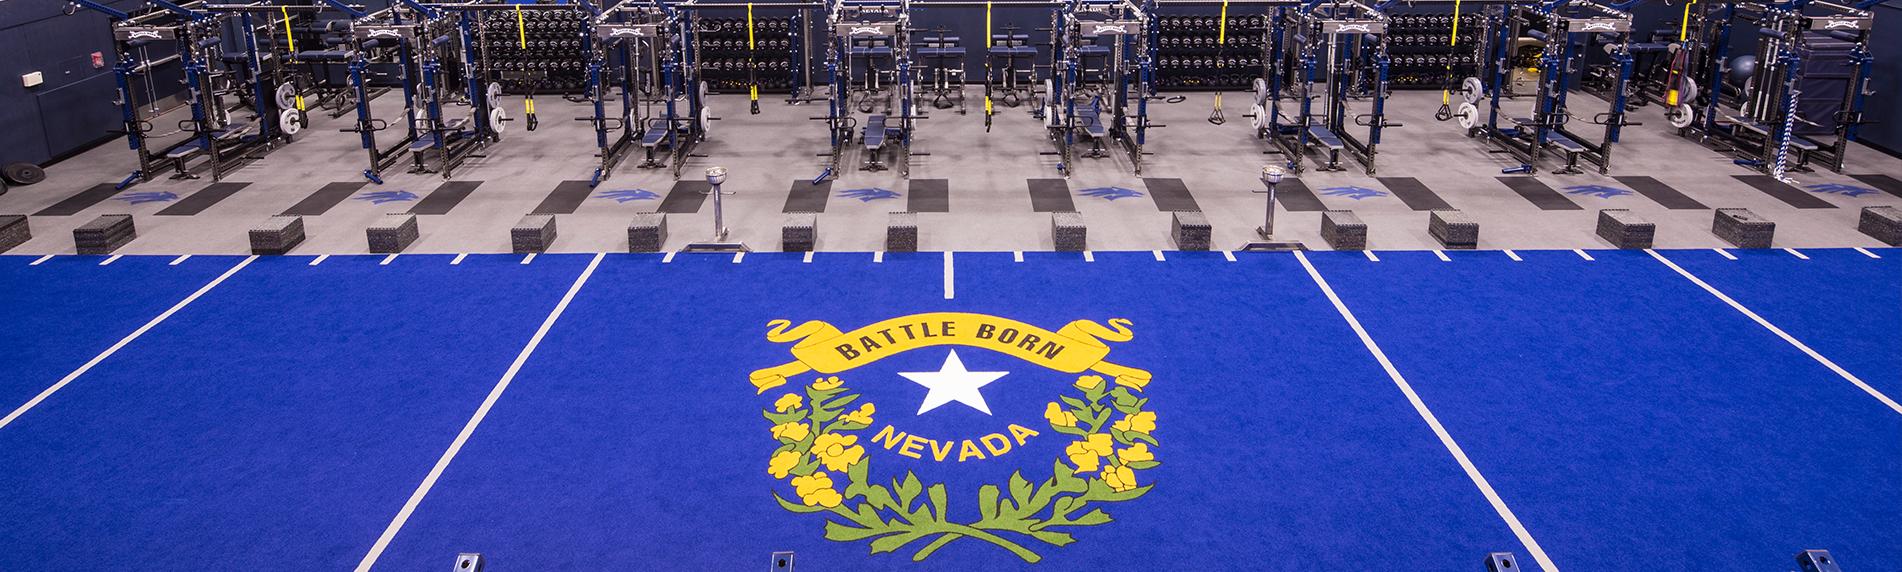 battle born nevada gym